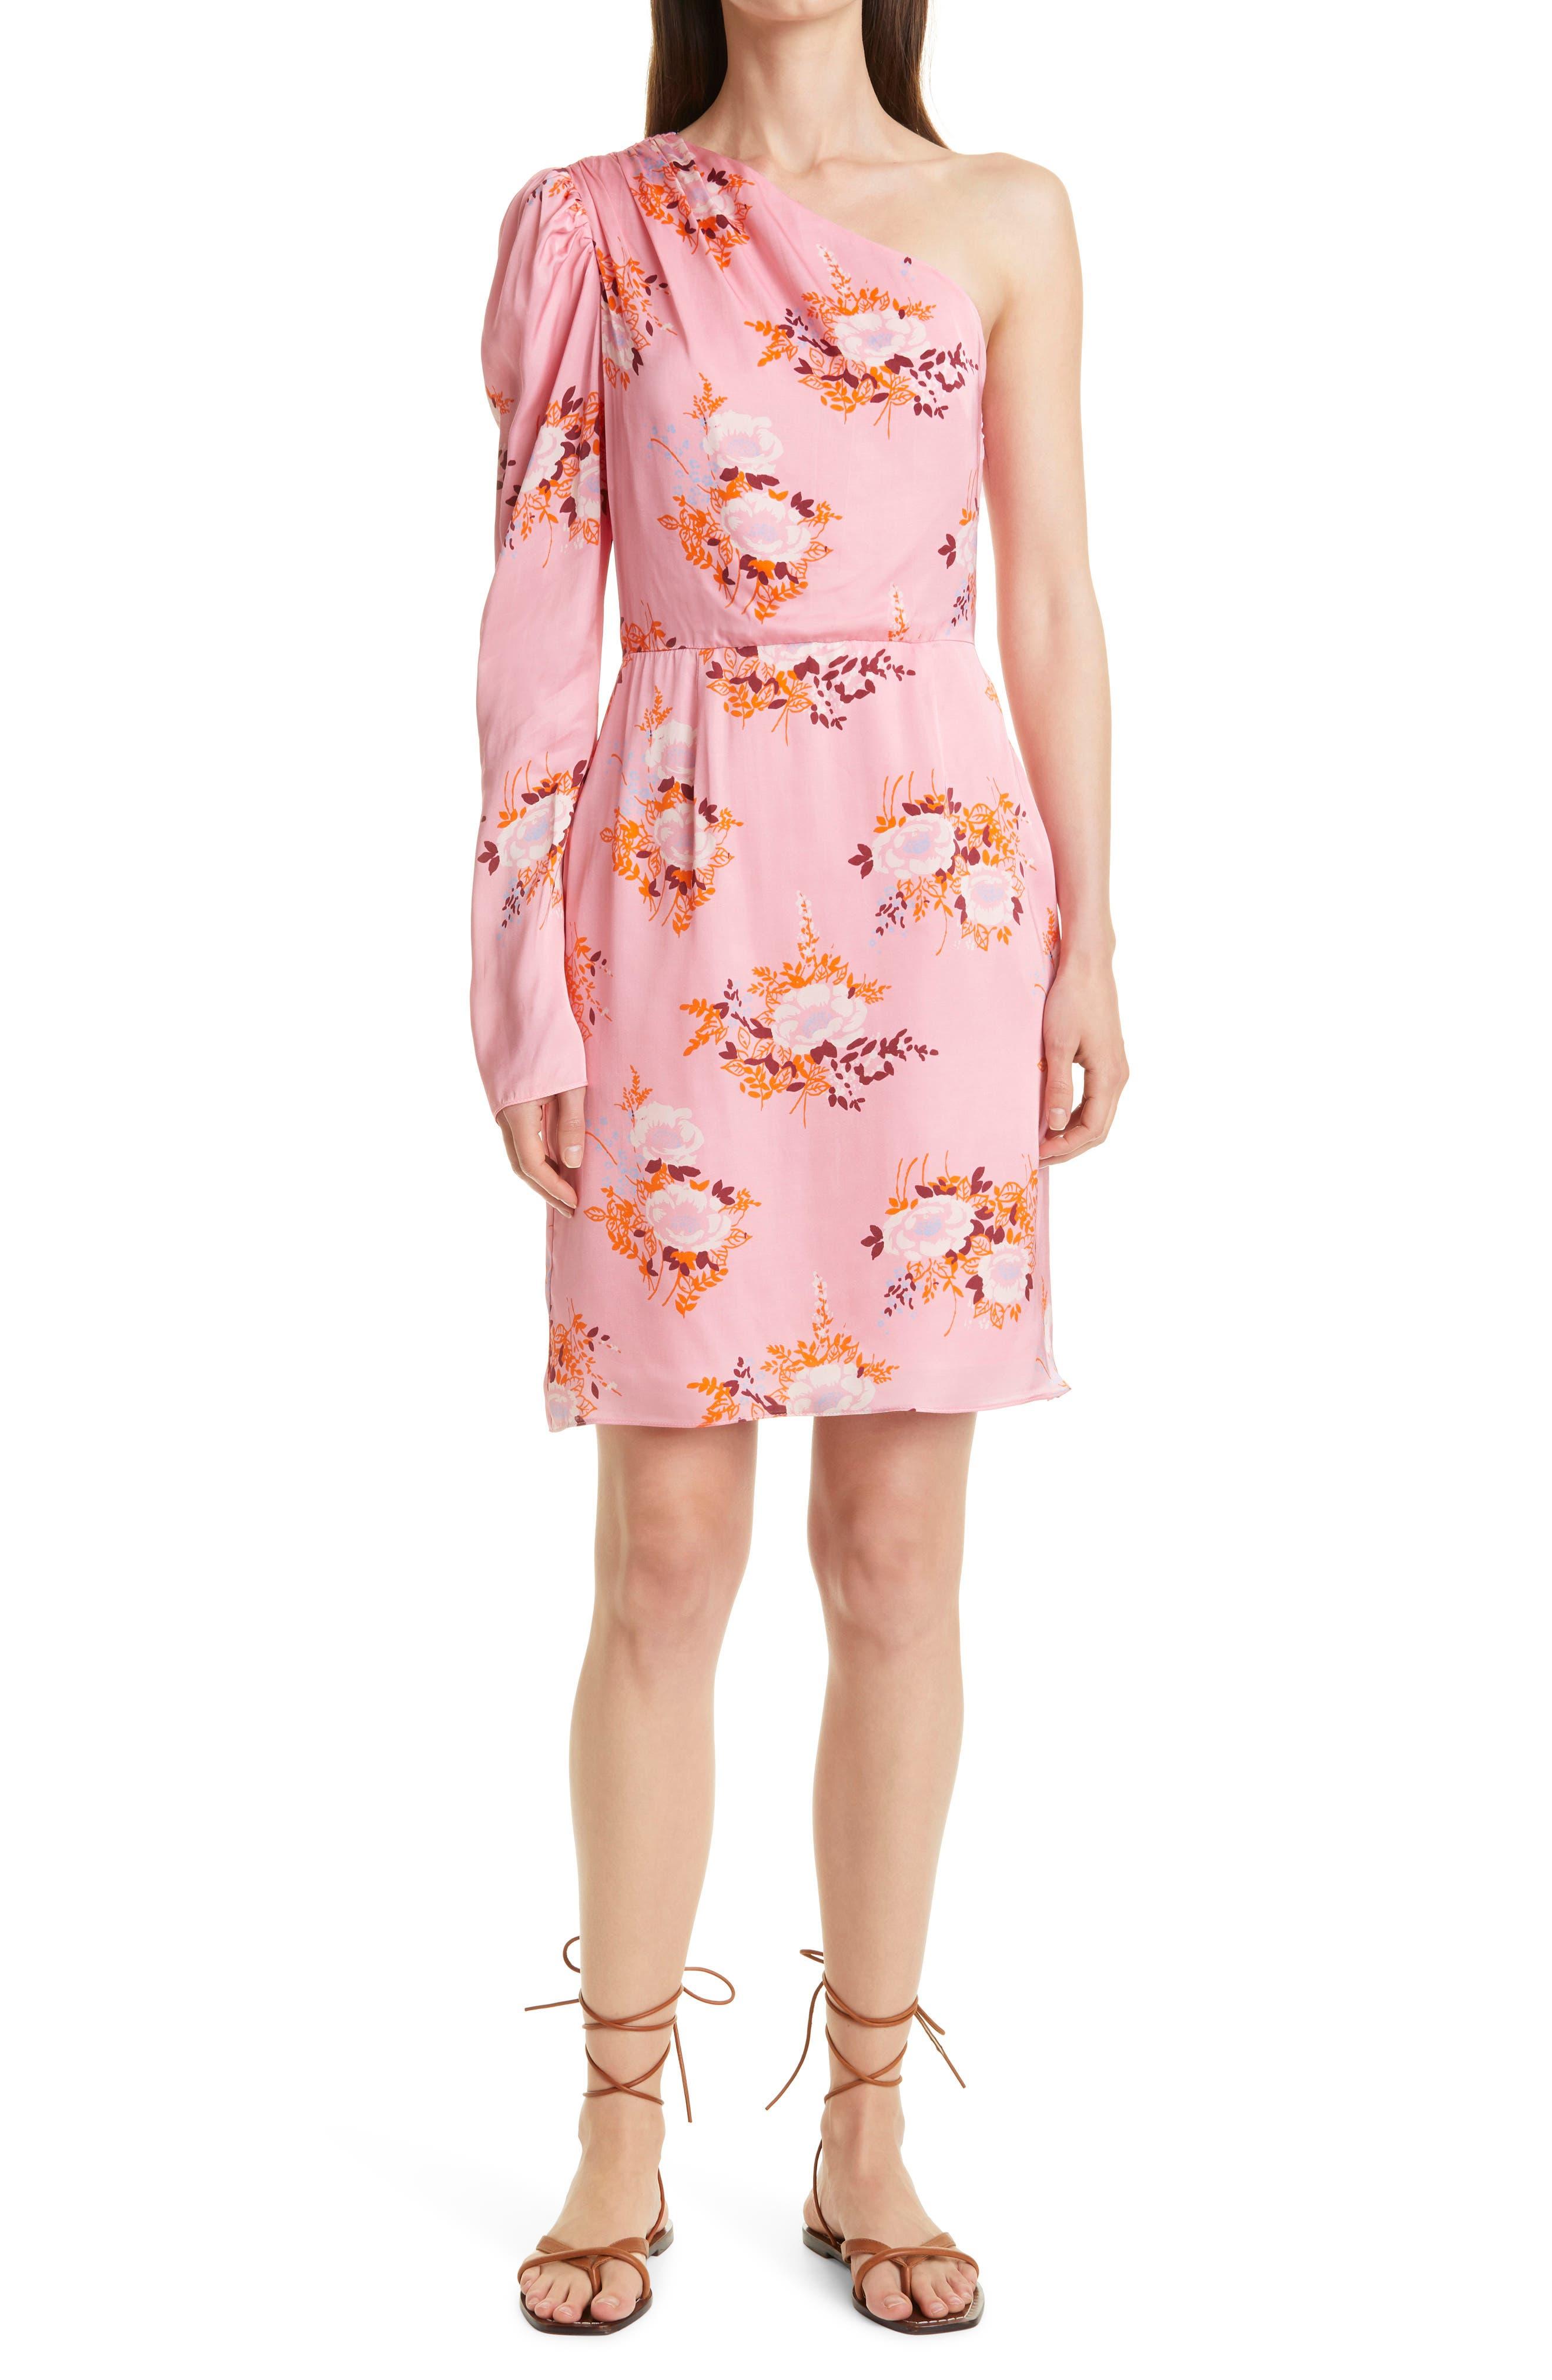 Floral Print One-Shoulder Dress